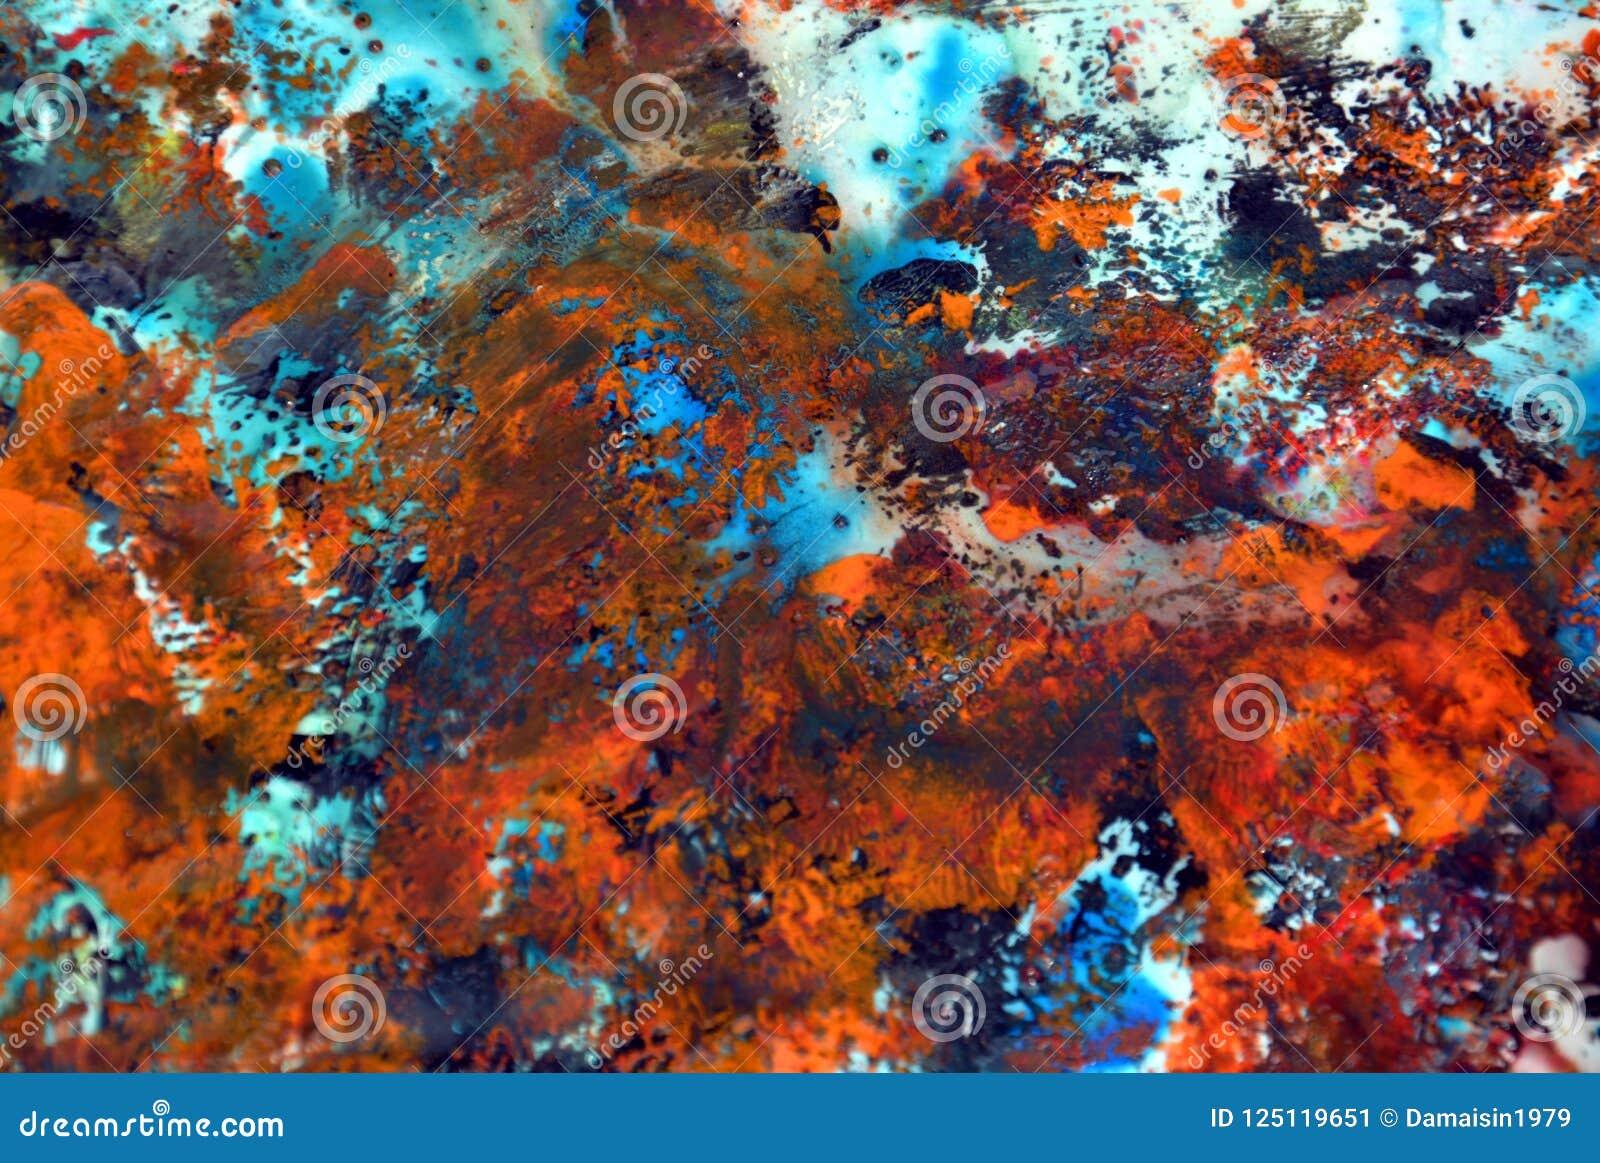 Abstrakter dunkelorangefarbiger blauer Farbenhintergrund, malender Aquarellhintergrund, malende abstrakte Farben